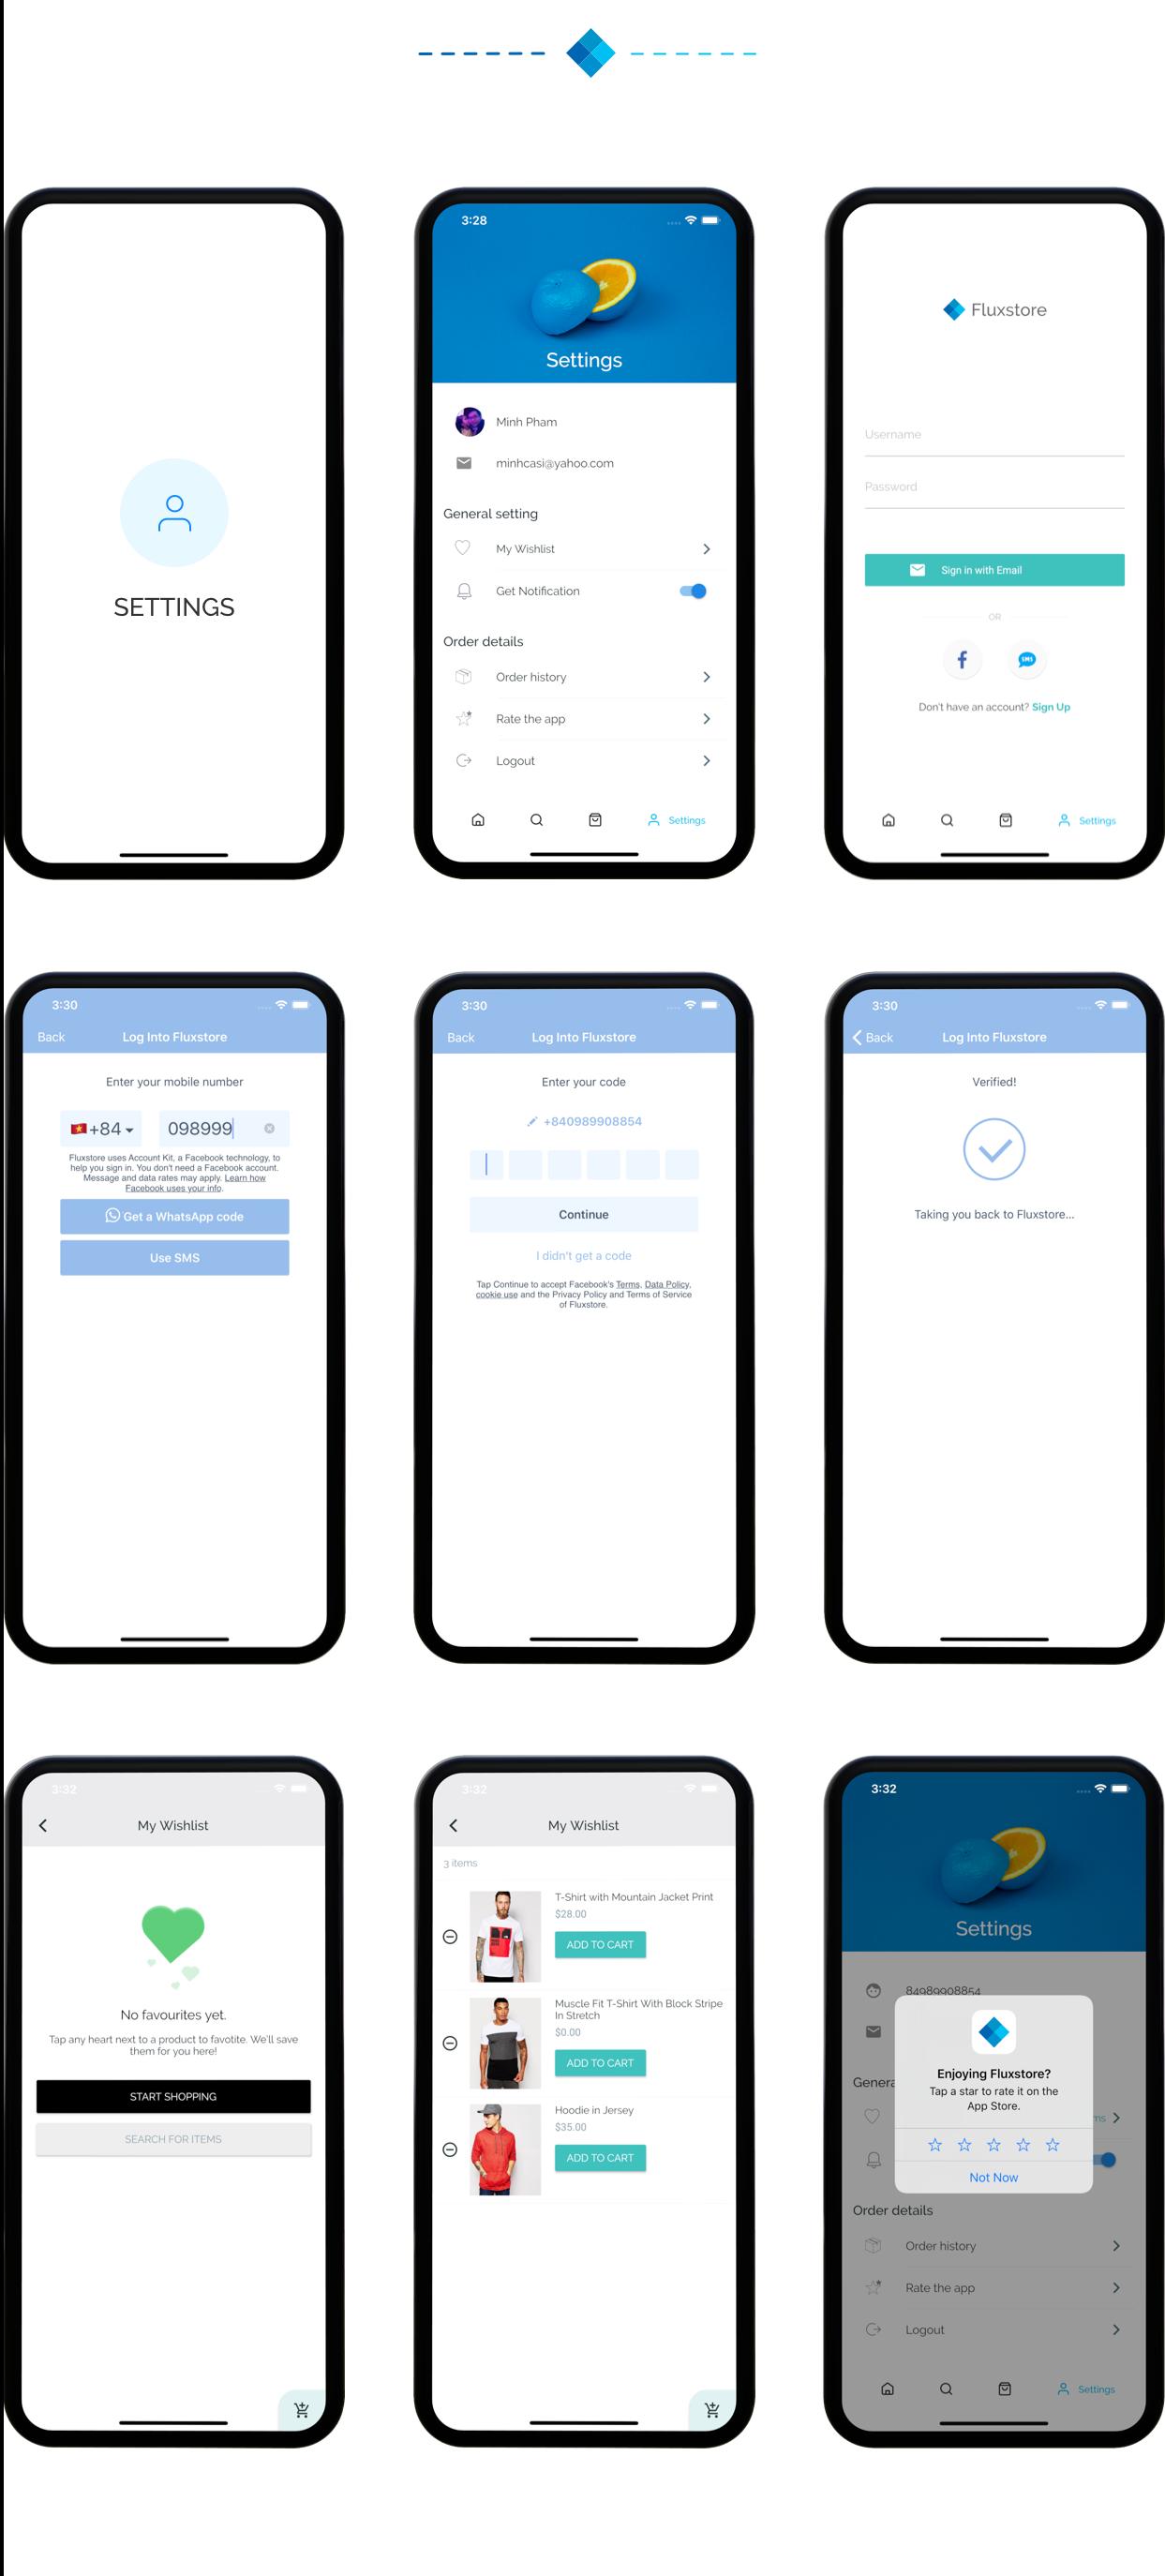 Fluxstore Pro - Flutter E-commerce Full App for Magento, Opencart, and Woocommerce - 27